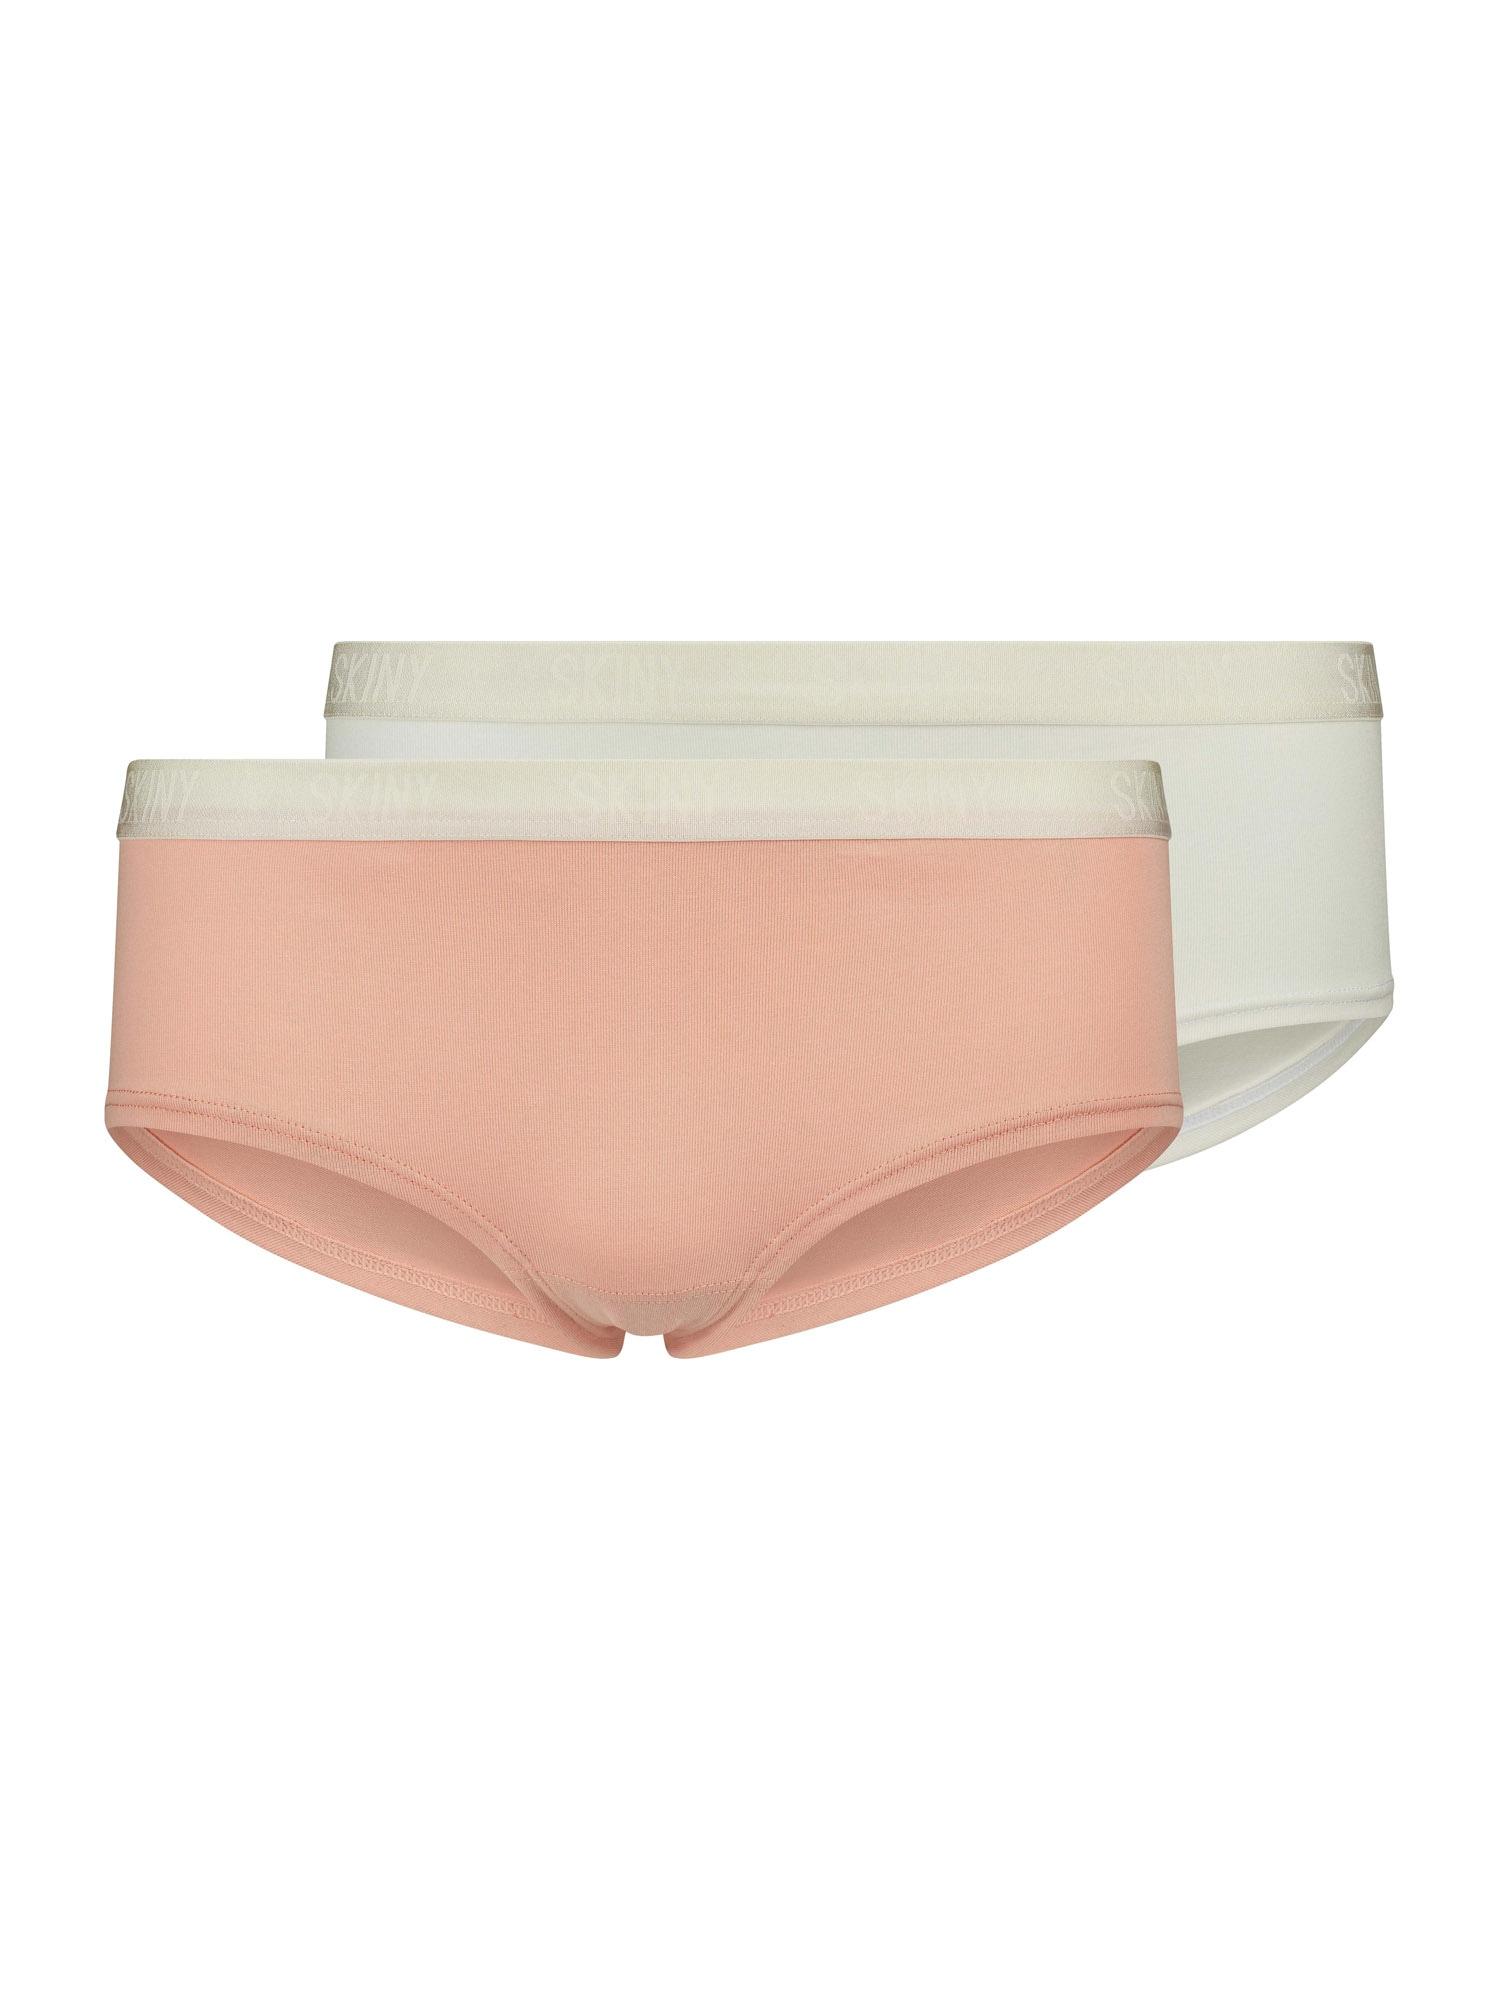 Skiny Apatinės kelnaitės balta / ryškiai rožinė spalva